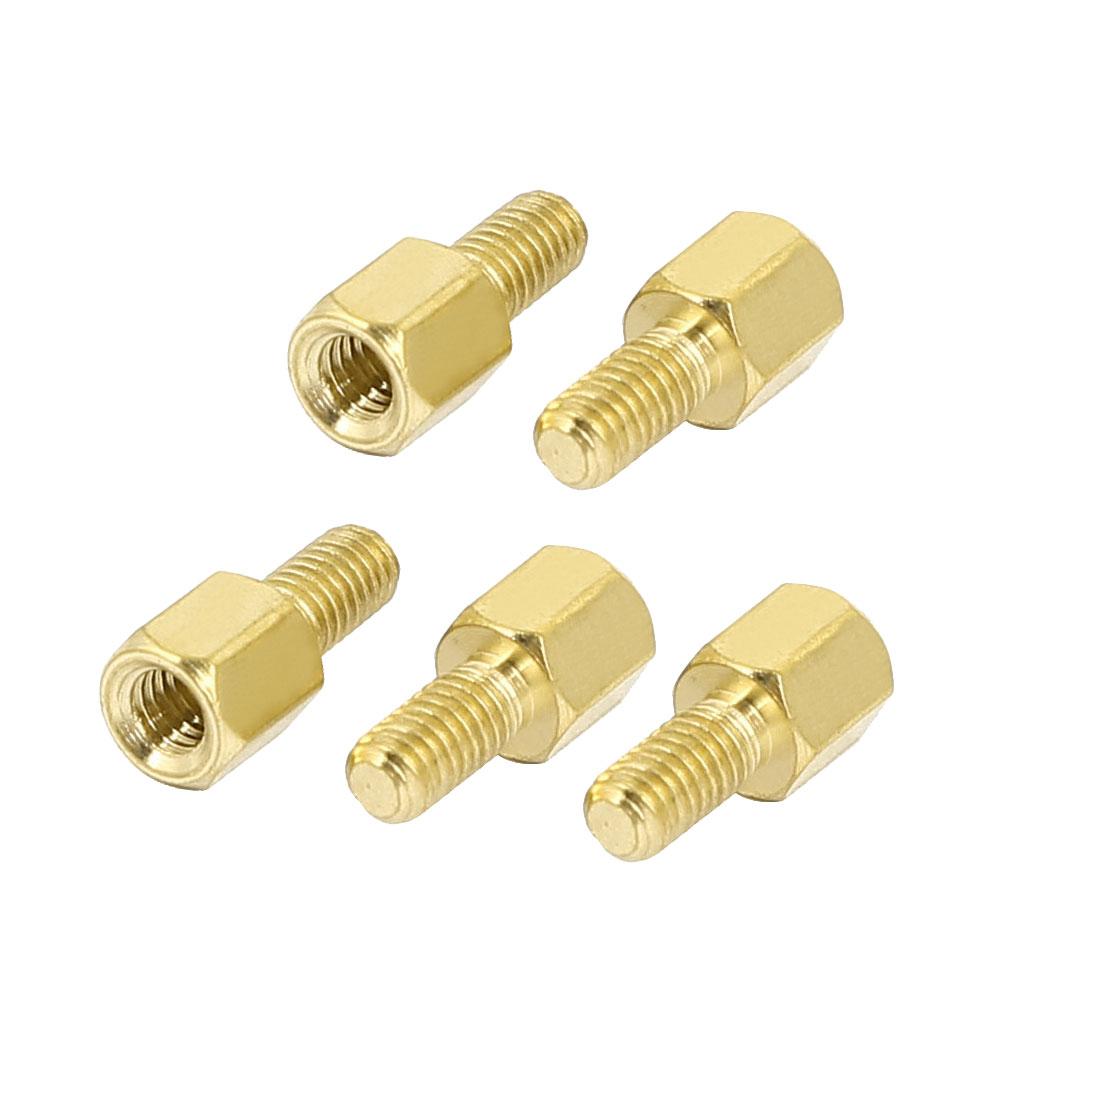 M3 Female x Male Brass Hexagonal Pillar Standoff Spacer Screws Bolt 5+6mm 5pcs